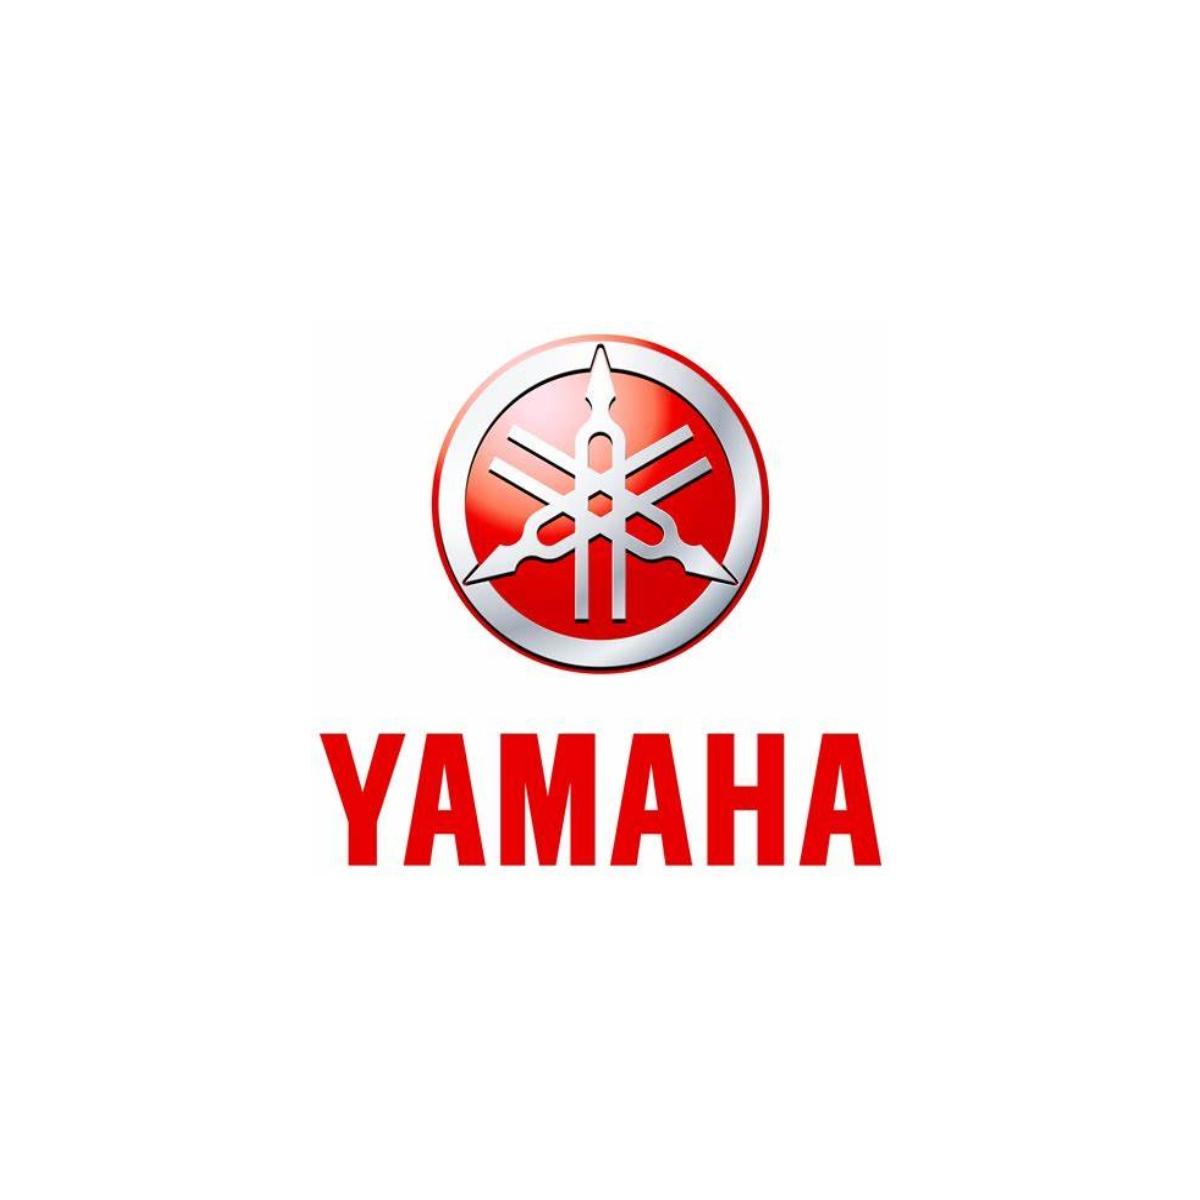 Acoplador Jetski Yamaha 4 Tempos SHO Rosca 28,5mm (Lado Motor)  - Radical Peças - Peças para Jet Ski